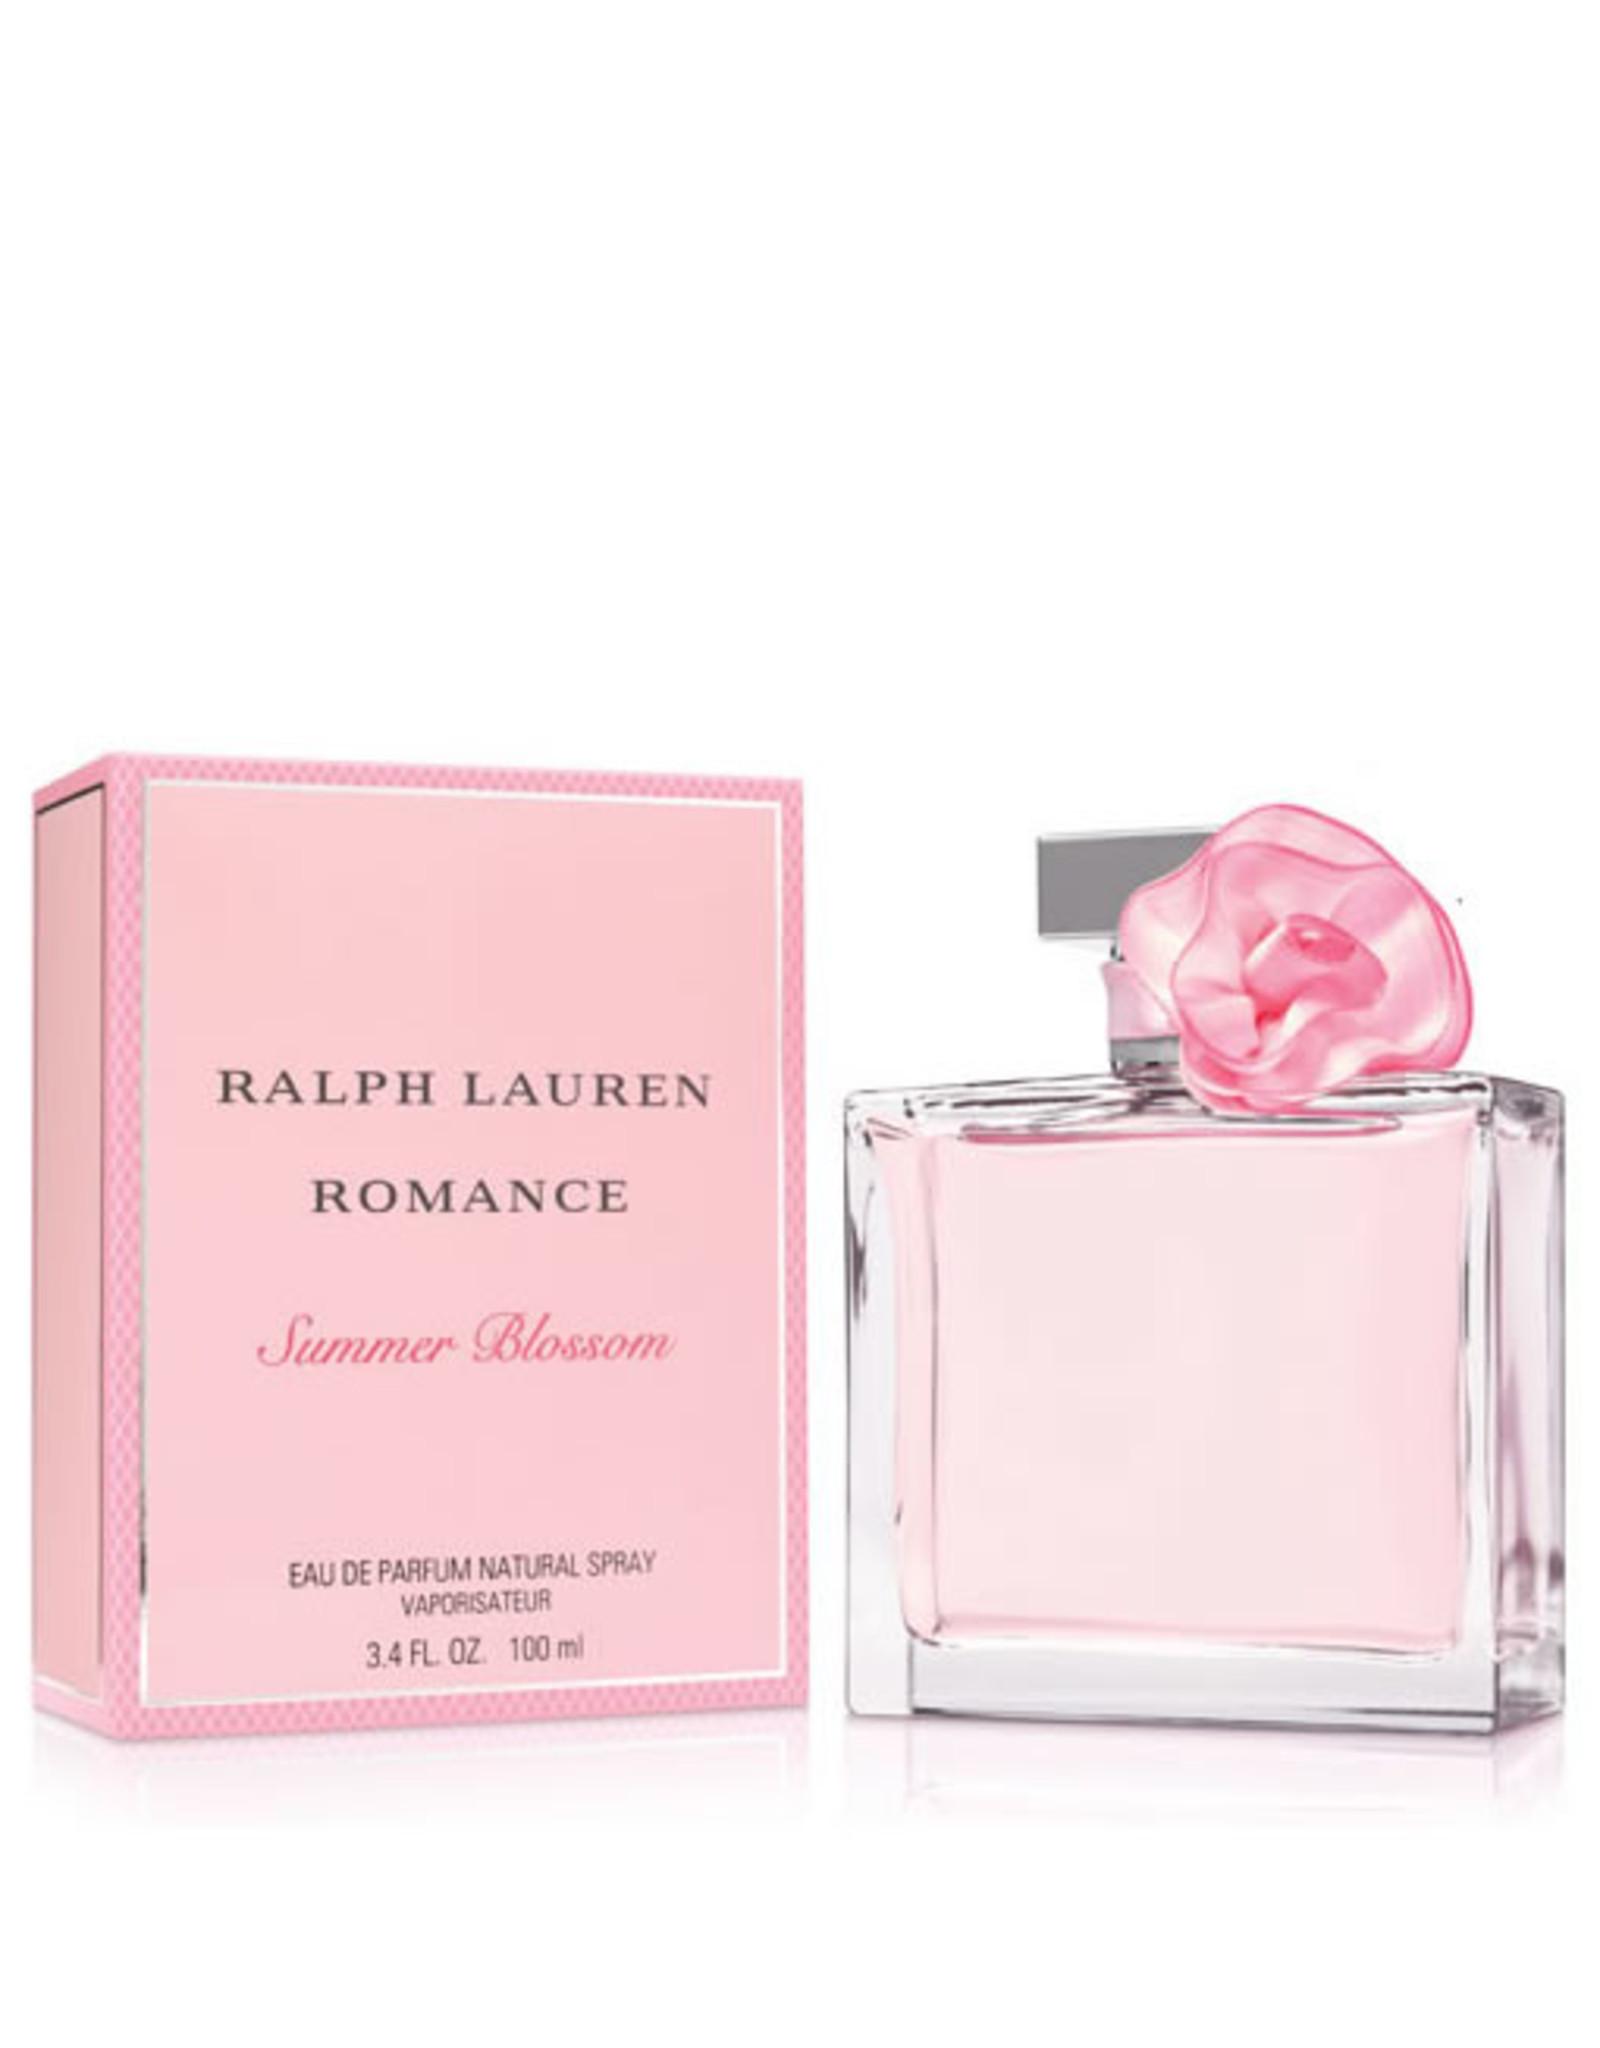 RALPH LAUREN RALPH LAUREN ROMANCE SUMMER BLOSSOM